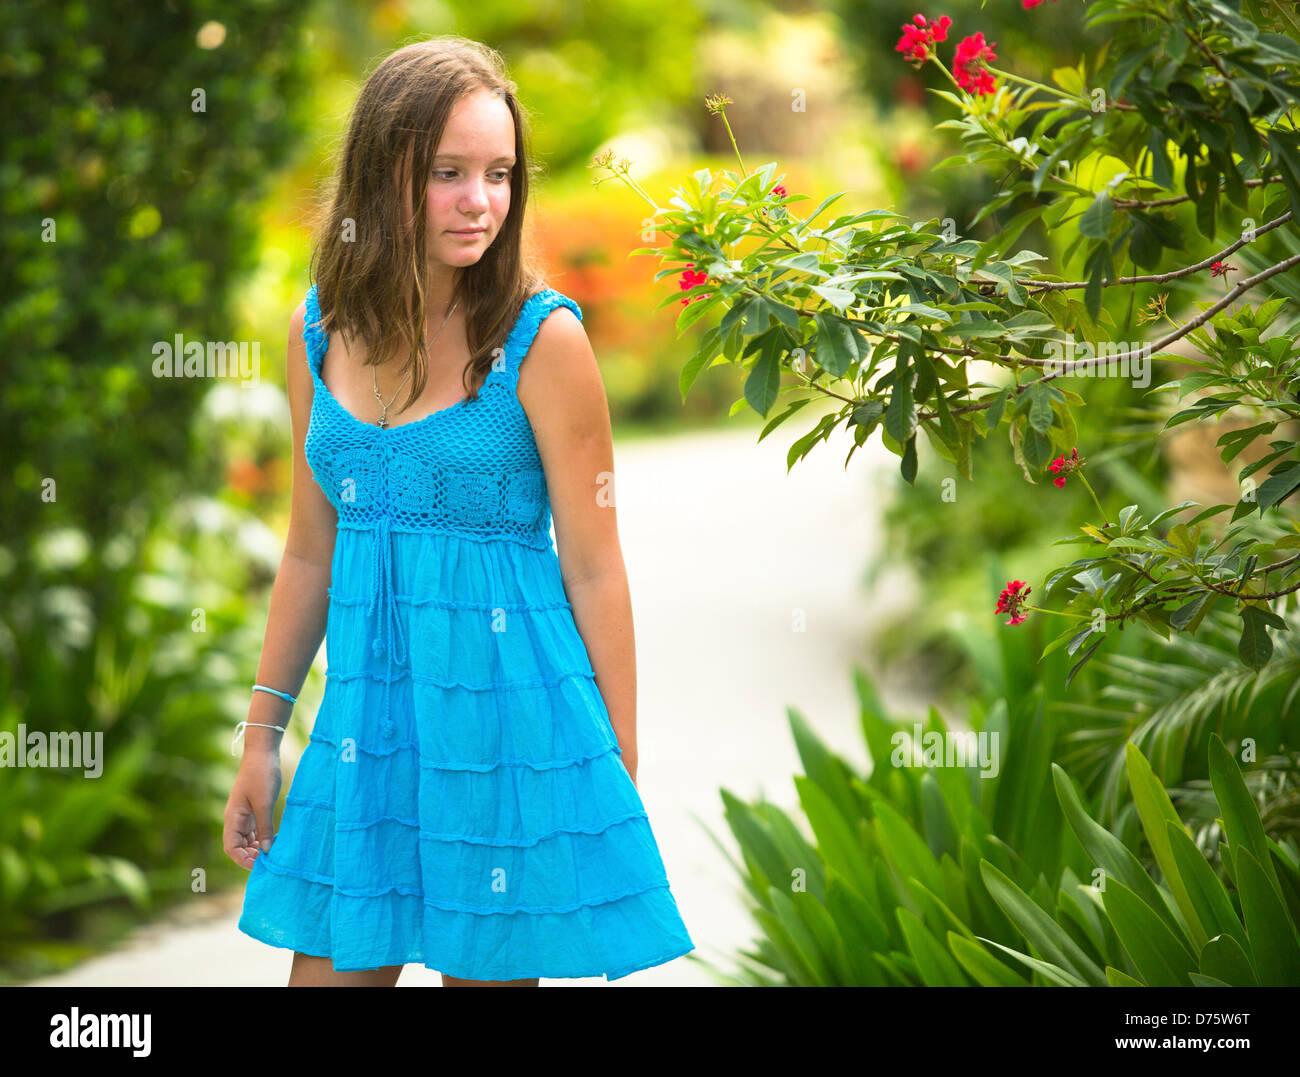 Teen-Mädchen im Frühlingsgarten. Stockbild